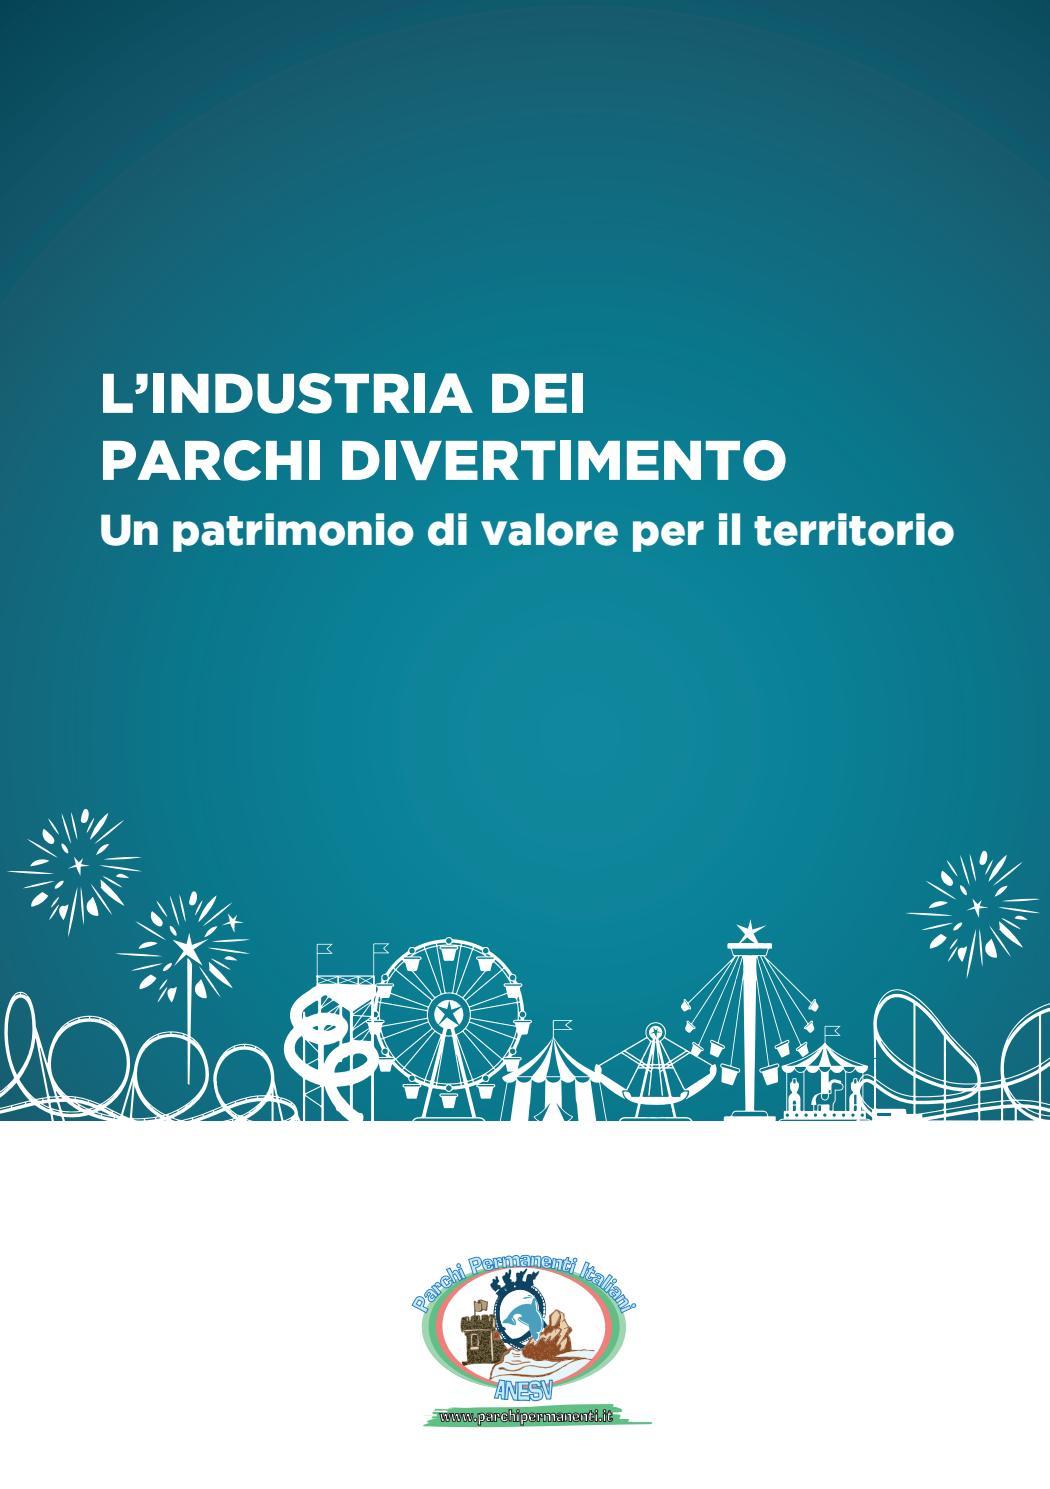 Miragica Calendario 2020.Rapporto Sull Industria Dei Parchi Divertimento Parchi